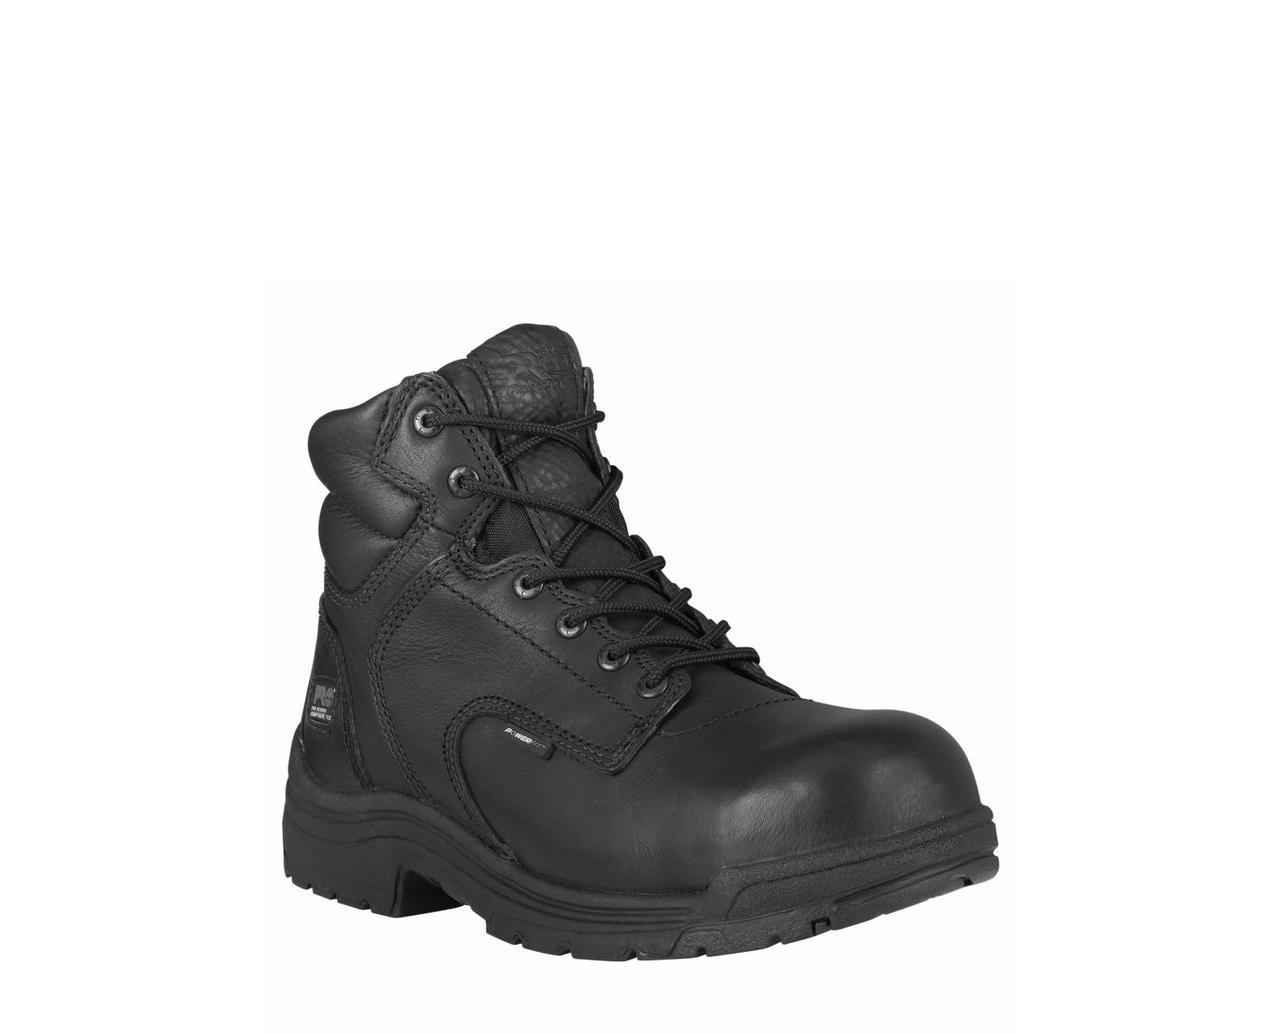 Timberland Pro Titan Compuestos Ligeros Zapatos De Trabajo Del Dedo Del Pie mBCrDN7Qo